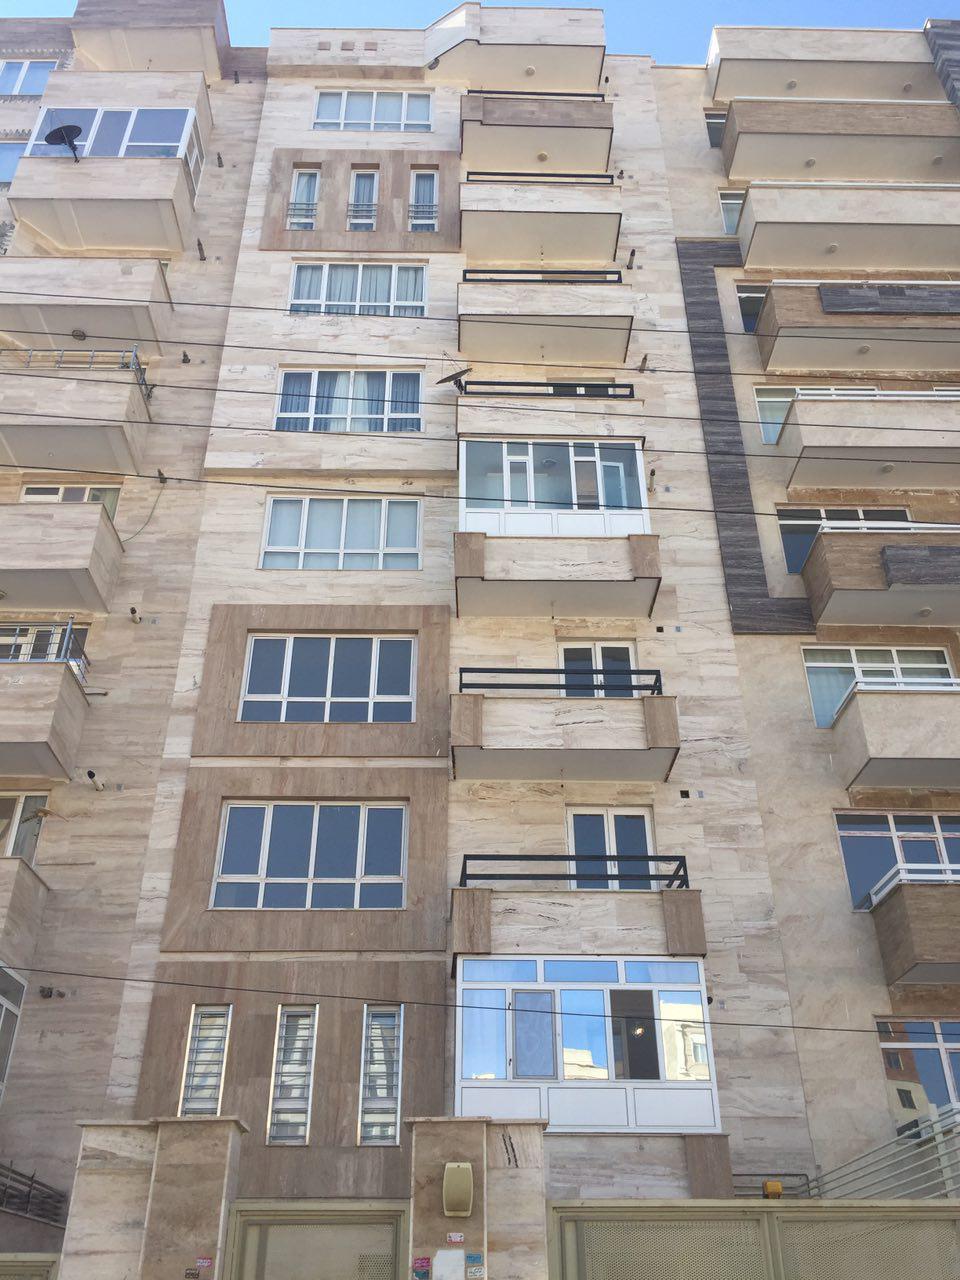 فروش طبقه سوم از آپارتمان 8 طبقه در شهرک نادری